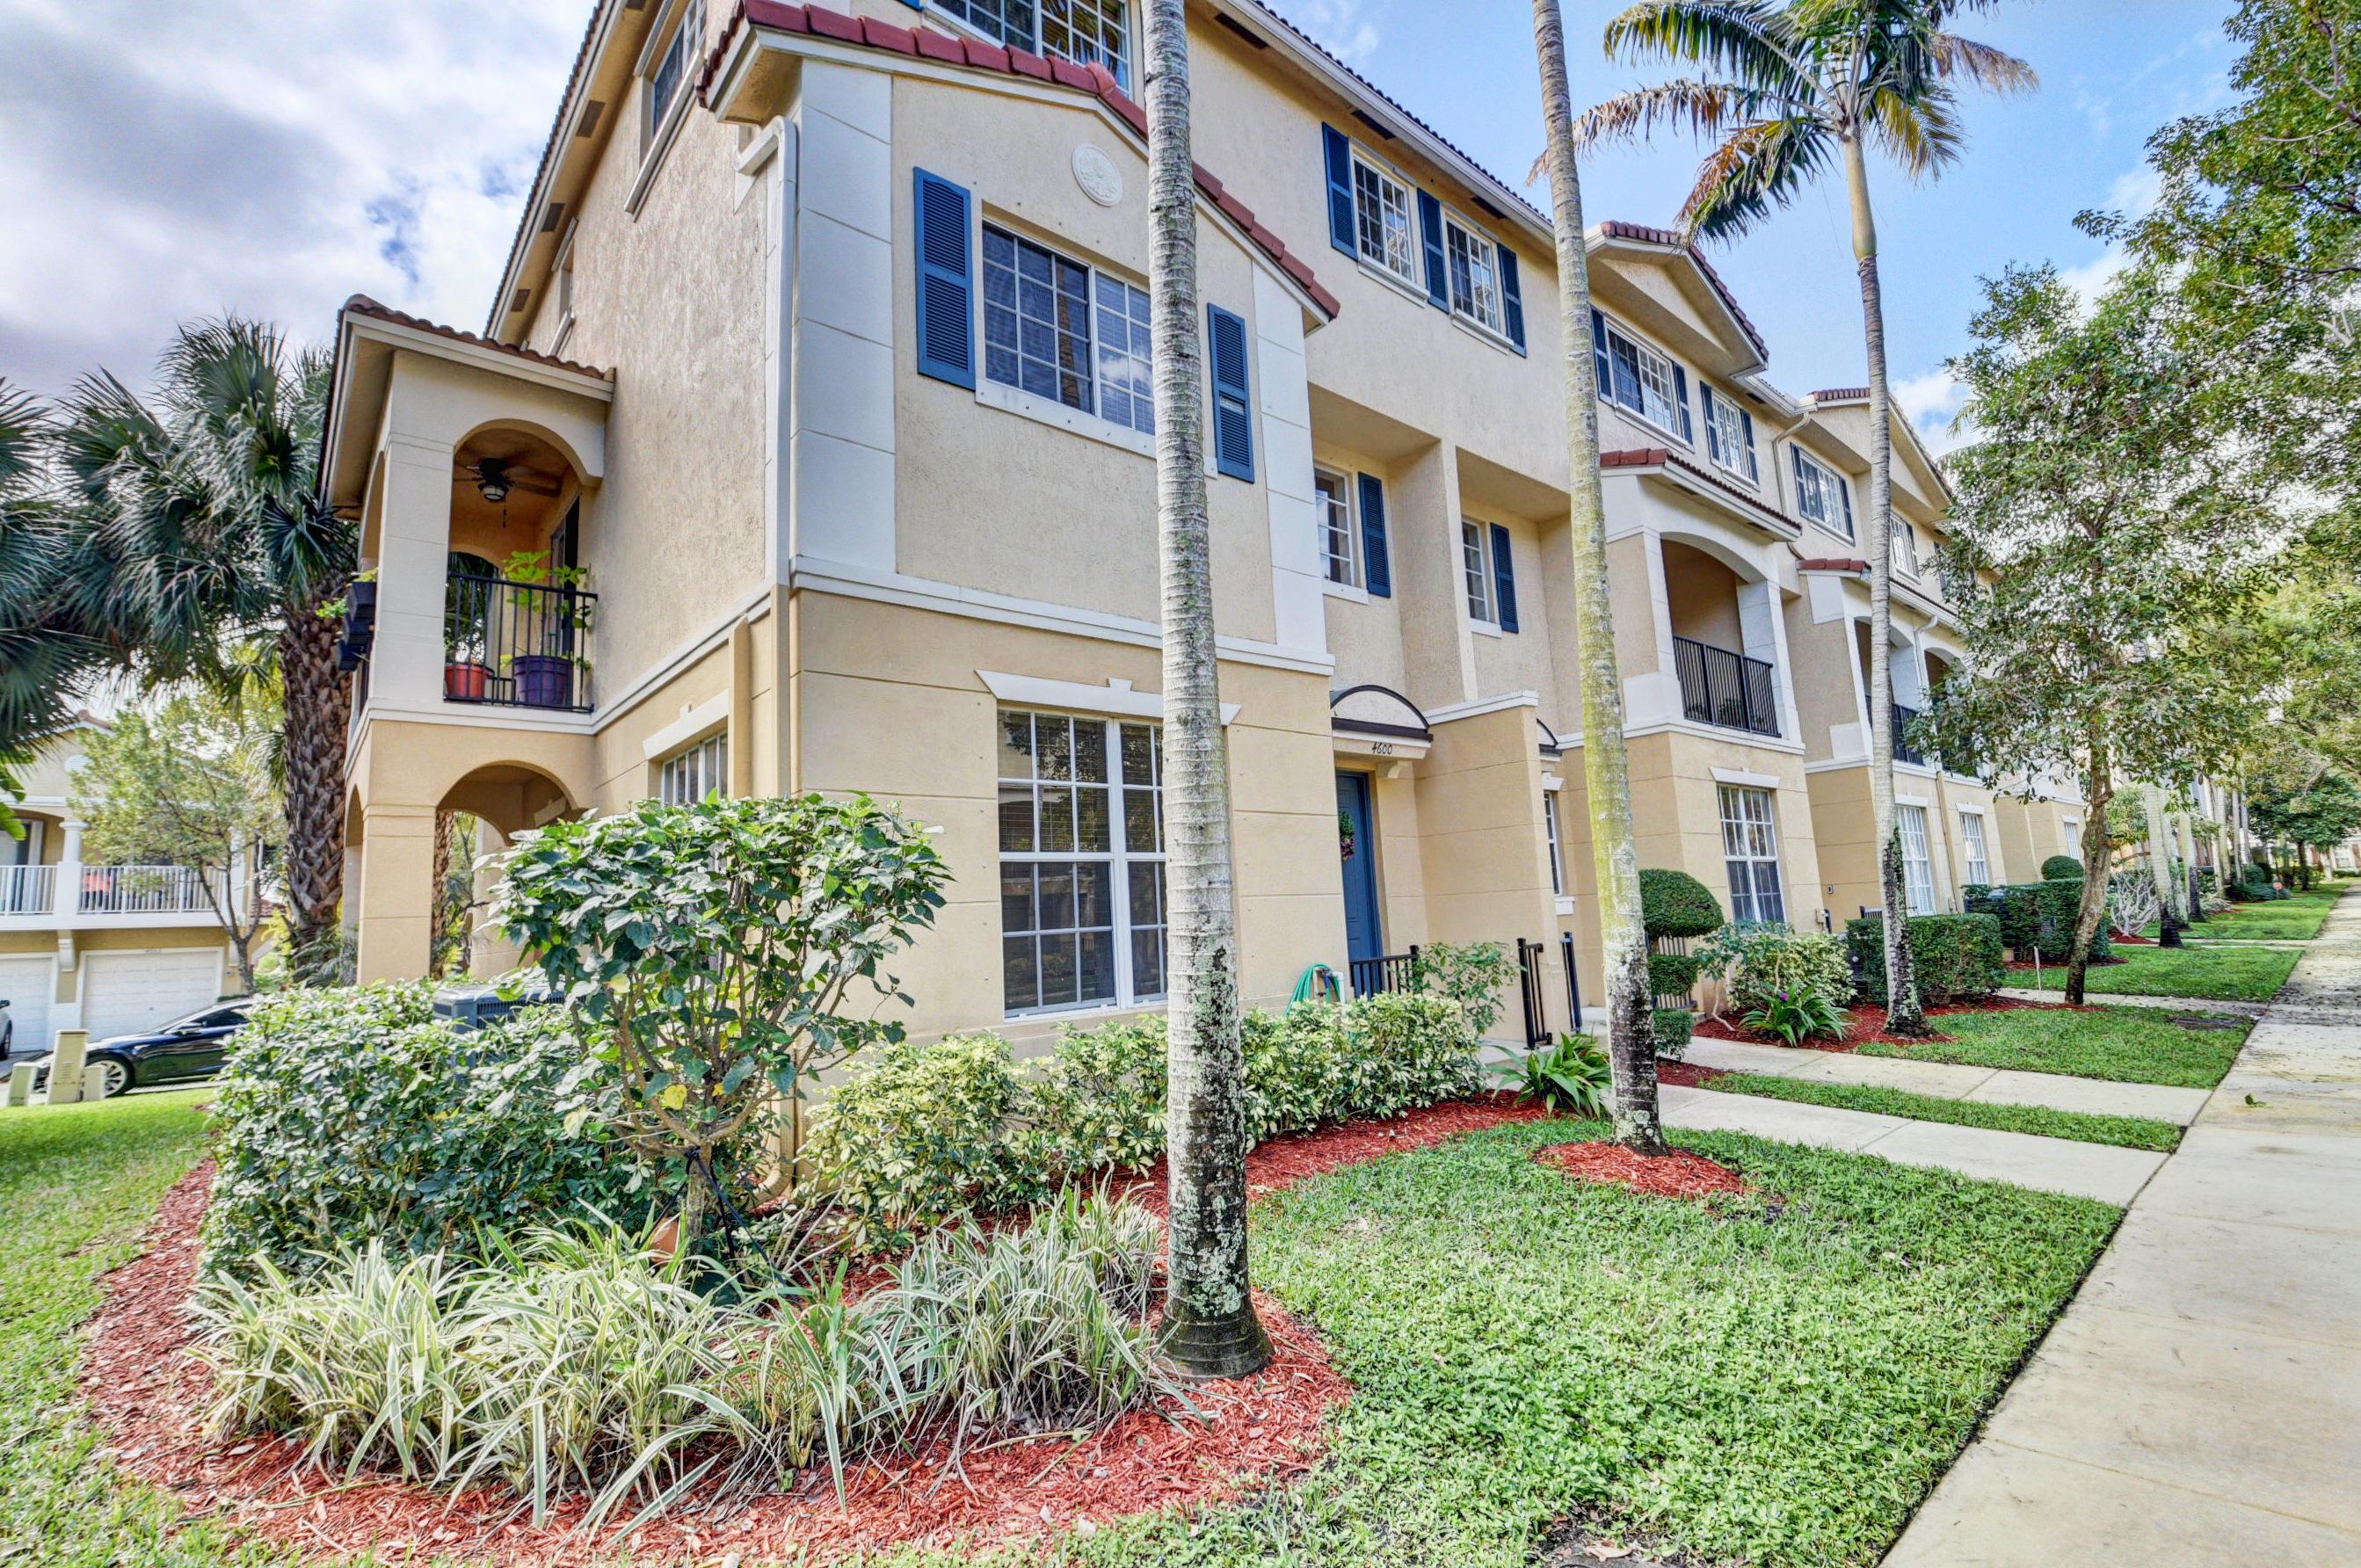 4600 Danson Way, Delray Beach, Florida 33445, 3 Bedrooms Bedrooms, ,2.1 BathroomsBathrooms,A,Townhouse,Danson,RX-10603191